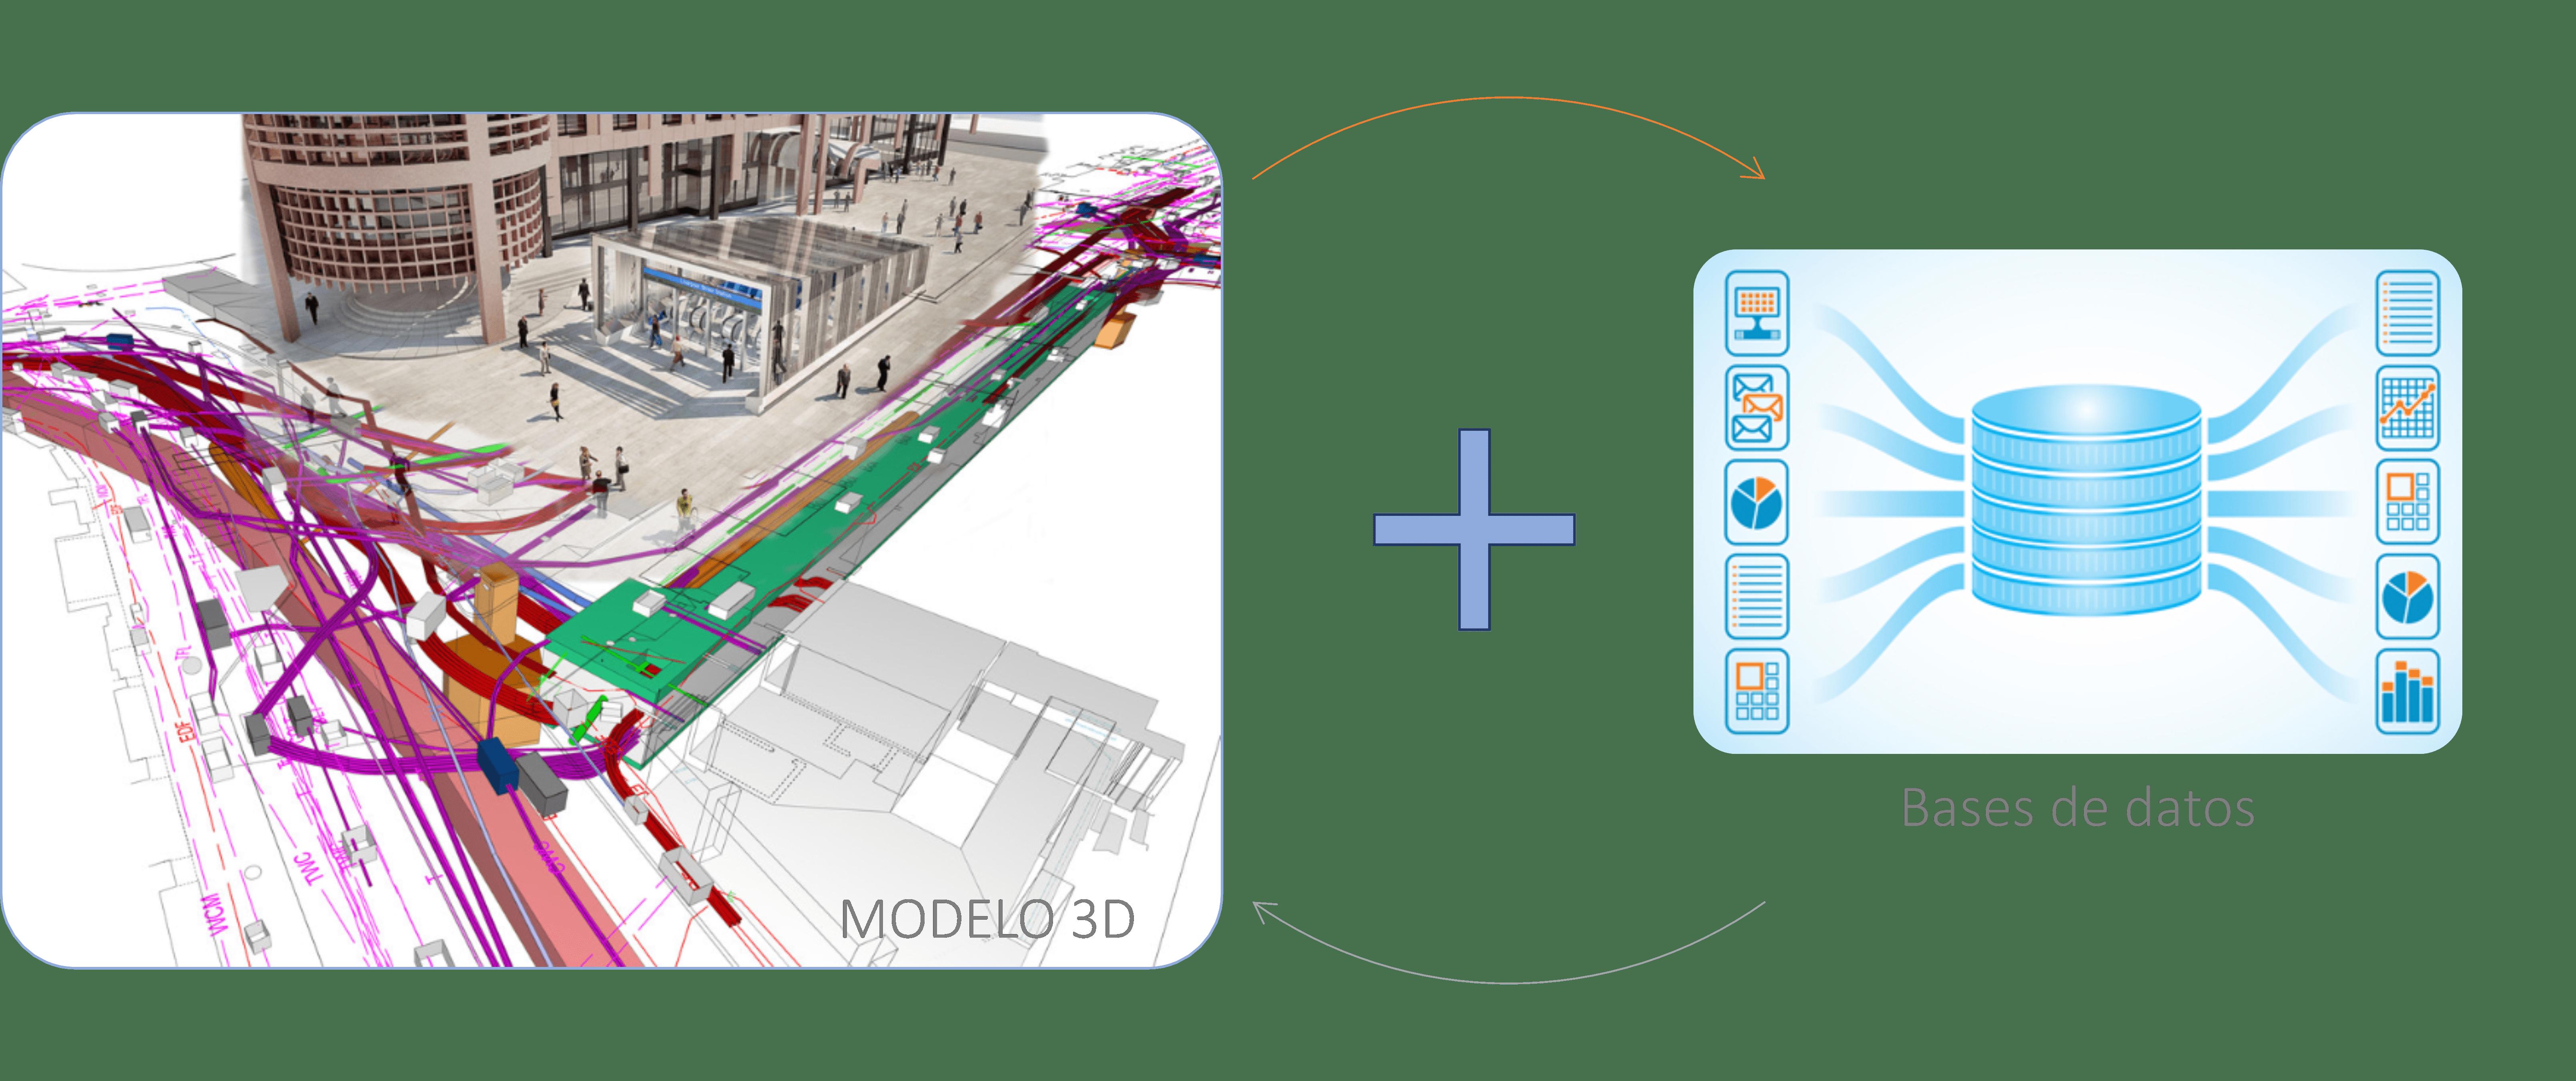 """El papel de la metodología BIM (Building Information Modeling) en el desarrollo de las """"Smart Cities""""."""